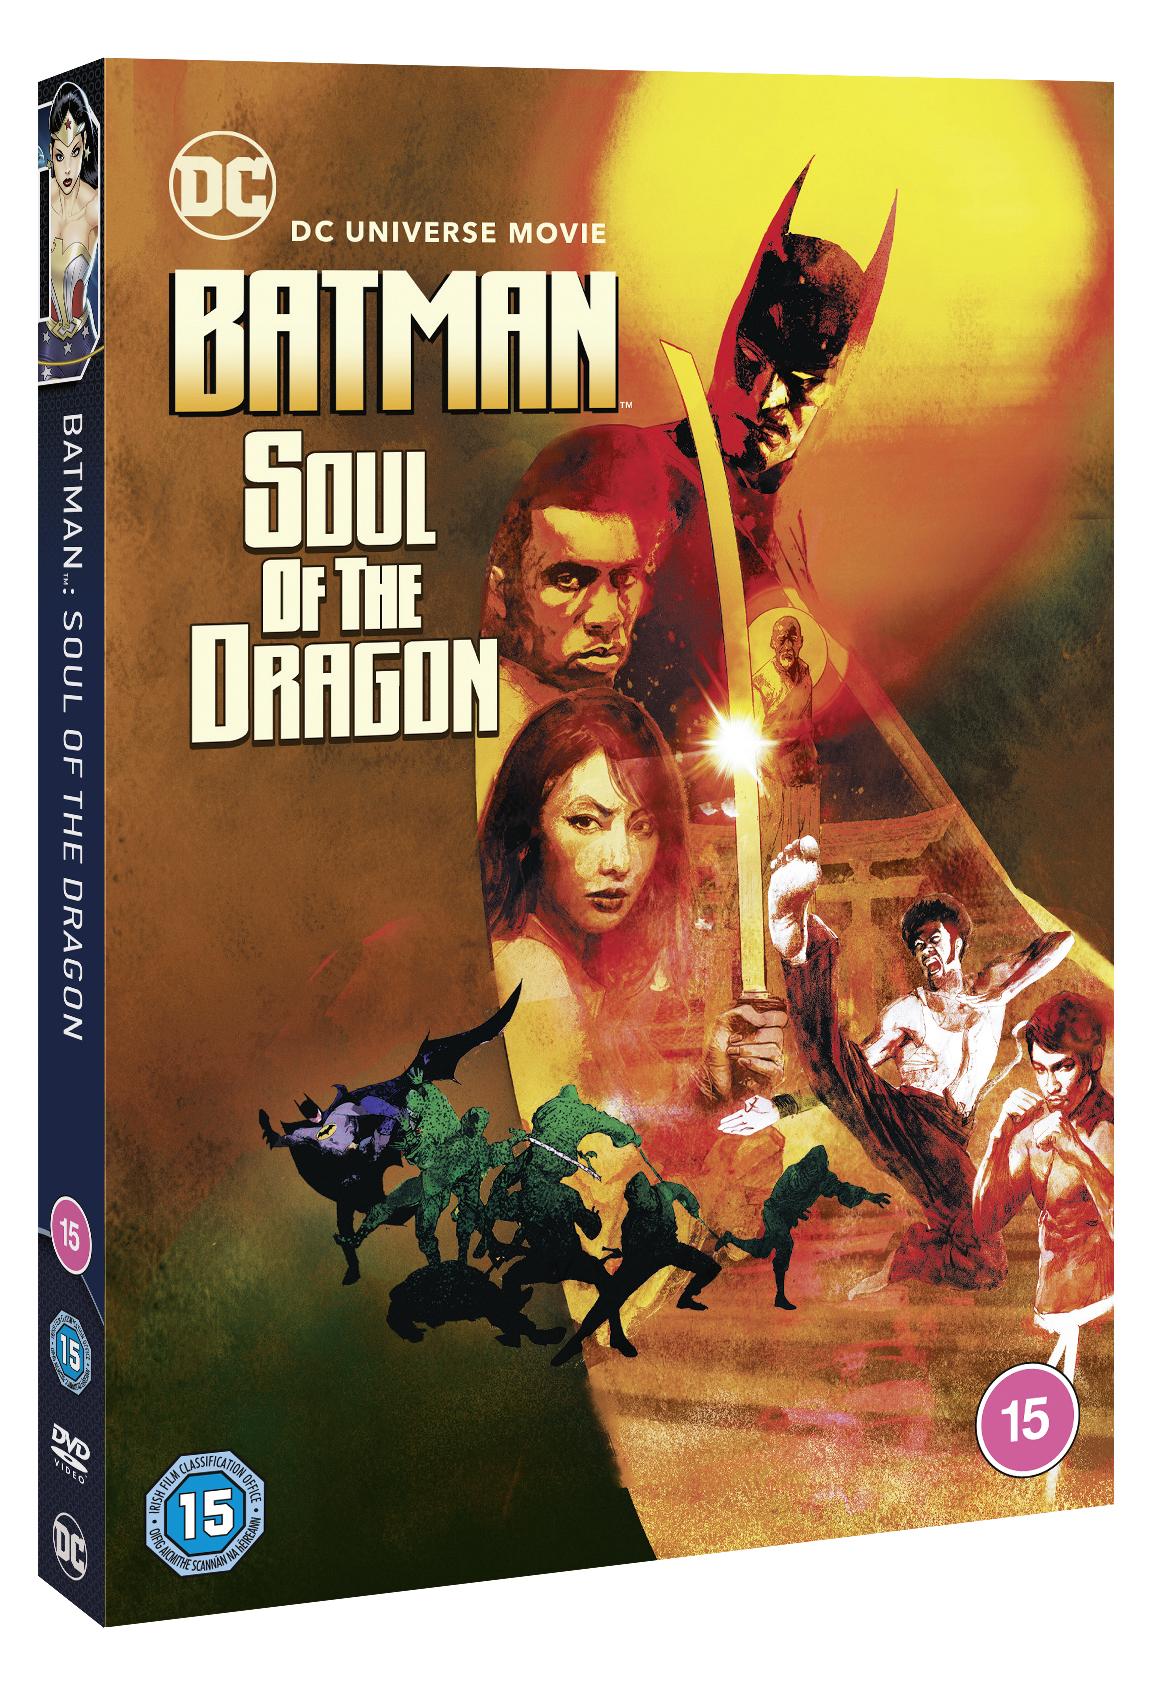 Batman: Soul of The Dragon Review: Enter the [Richard] Dragon